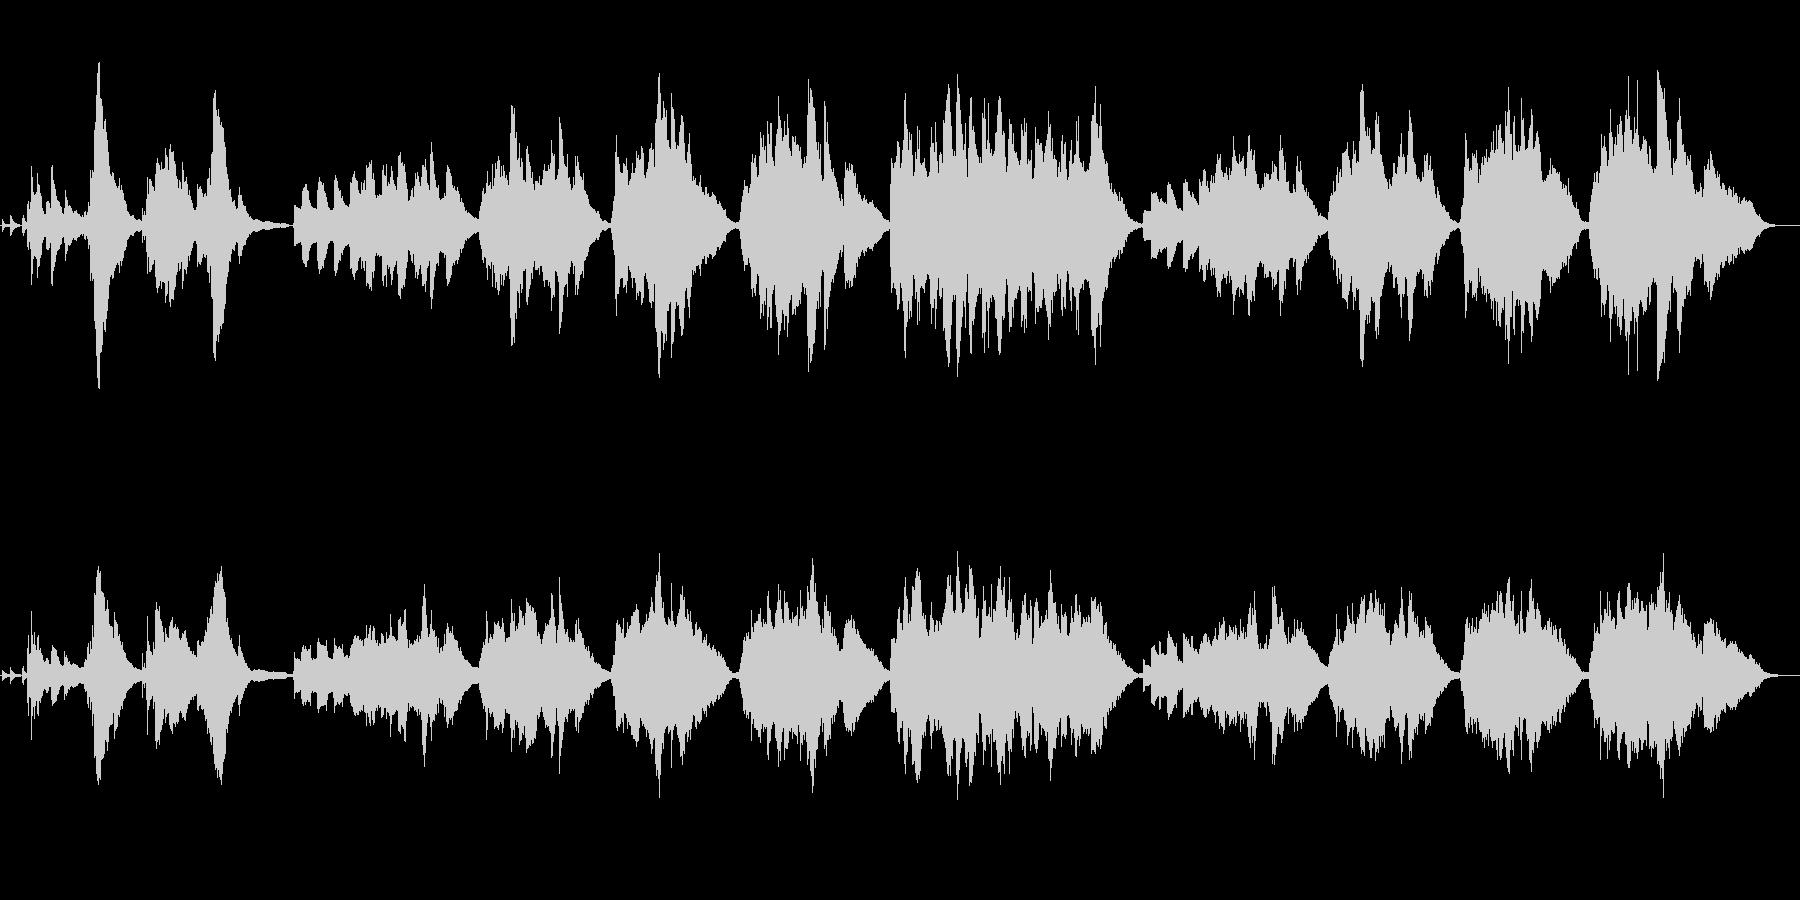 神秘的で物悲しい曲「ソルヴェイグの歌」の未再生の波形